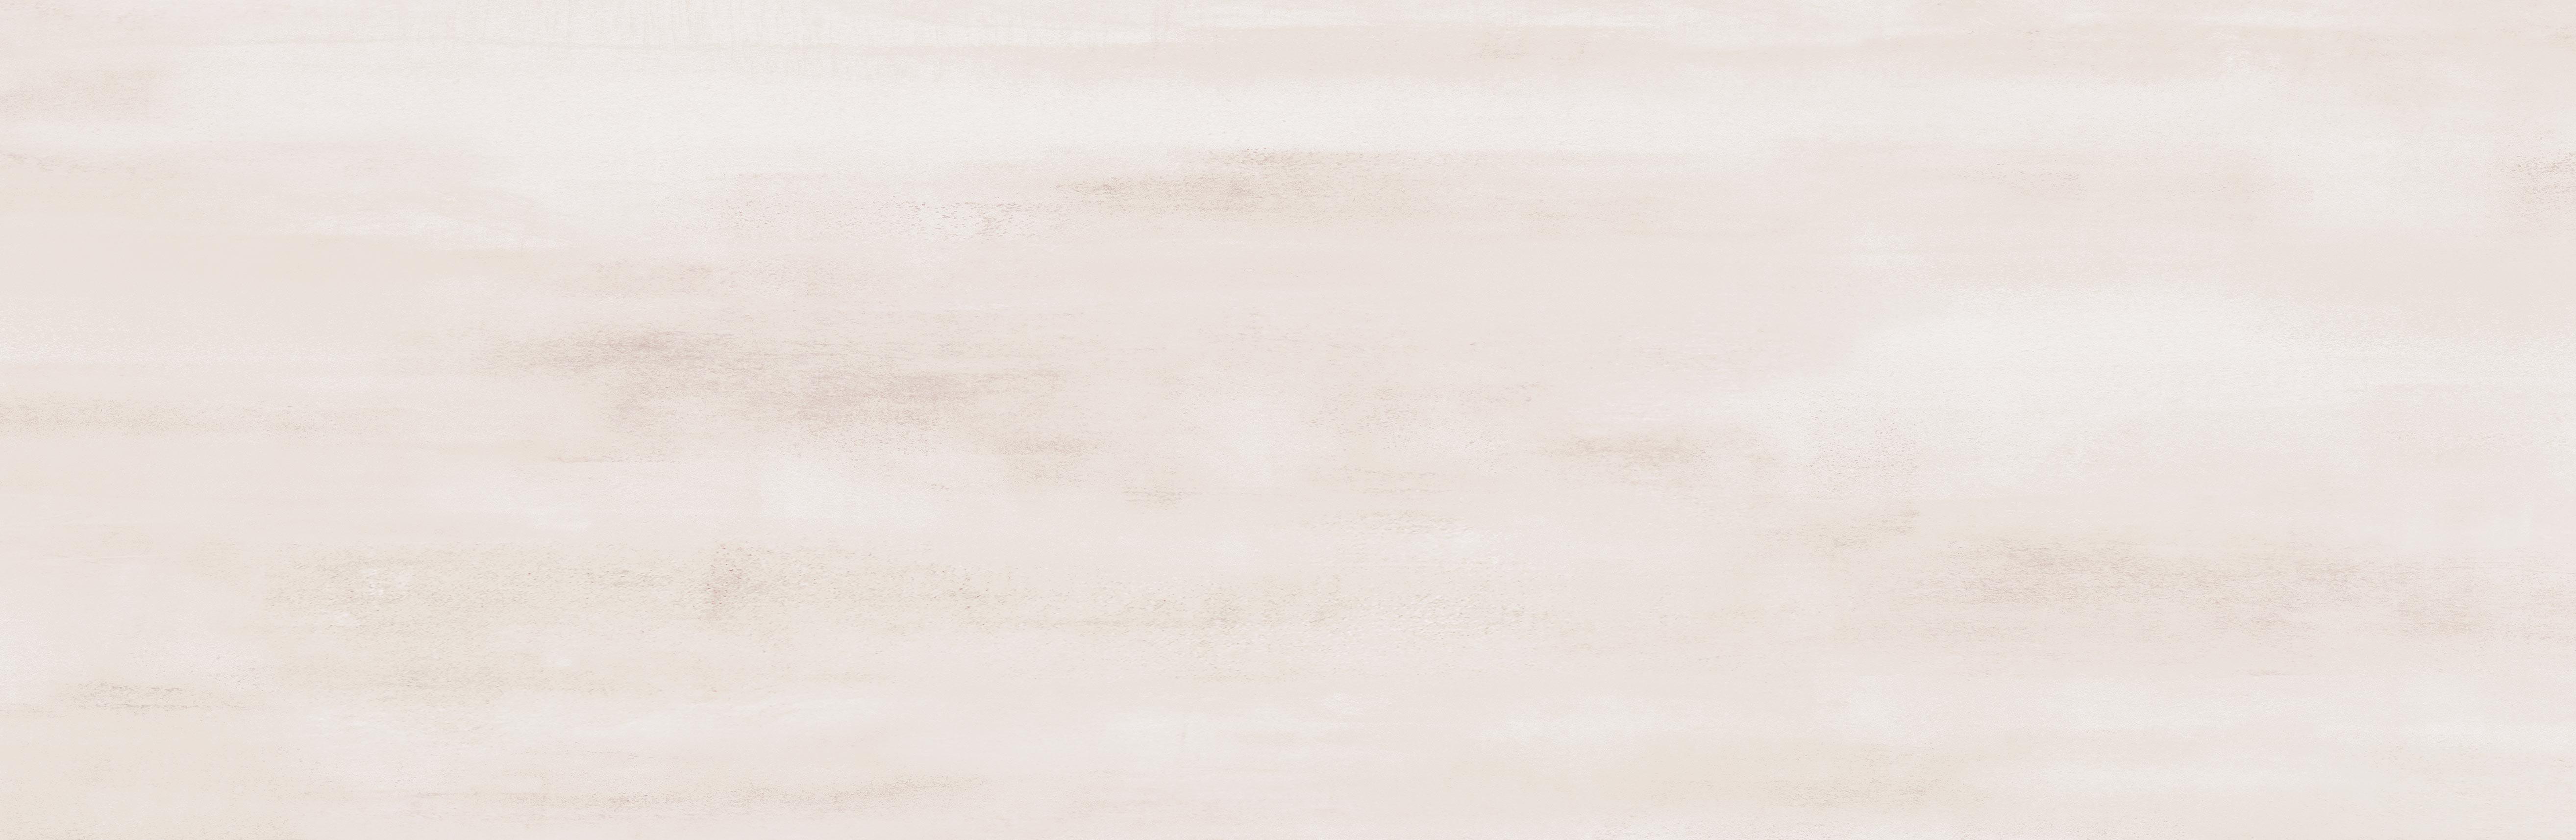 Купить Керамическая плитка Mei Italian Stucco бежевый (O-ITA-WTA011) настенная 29x89, Россия